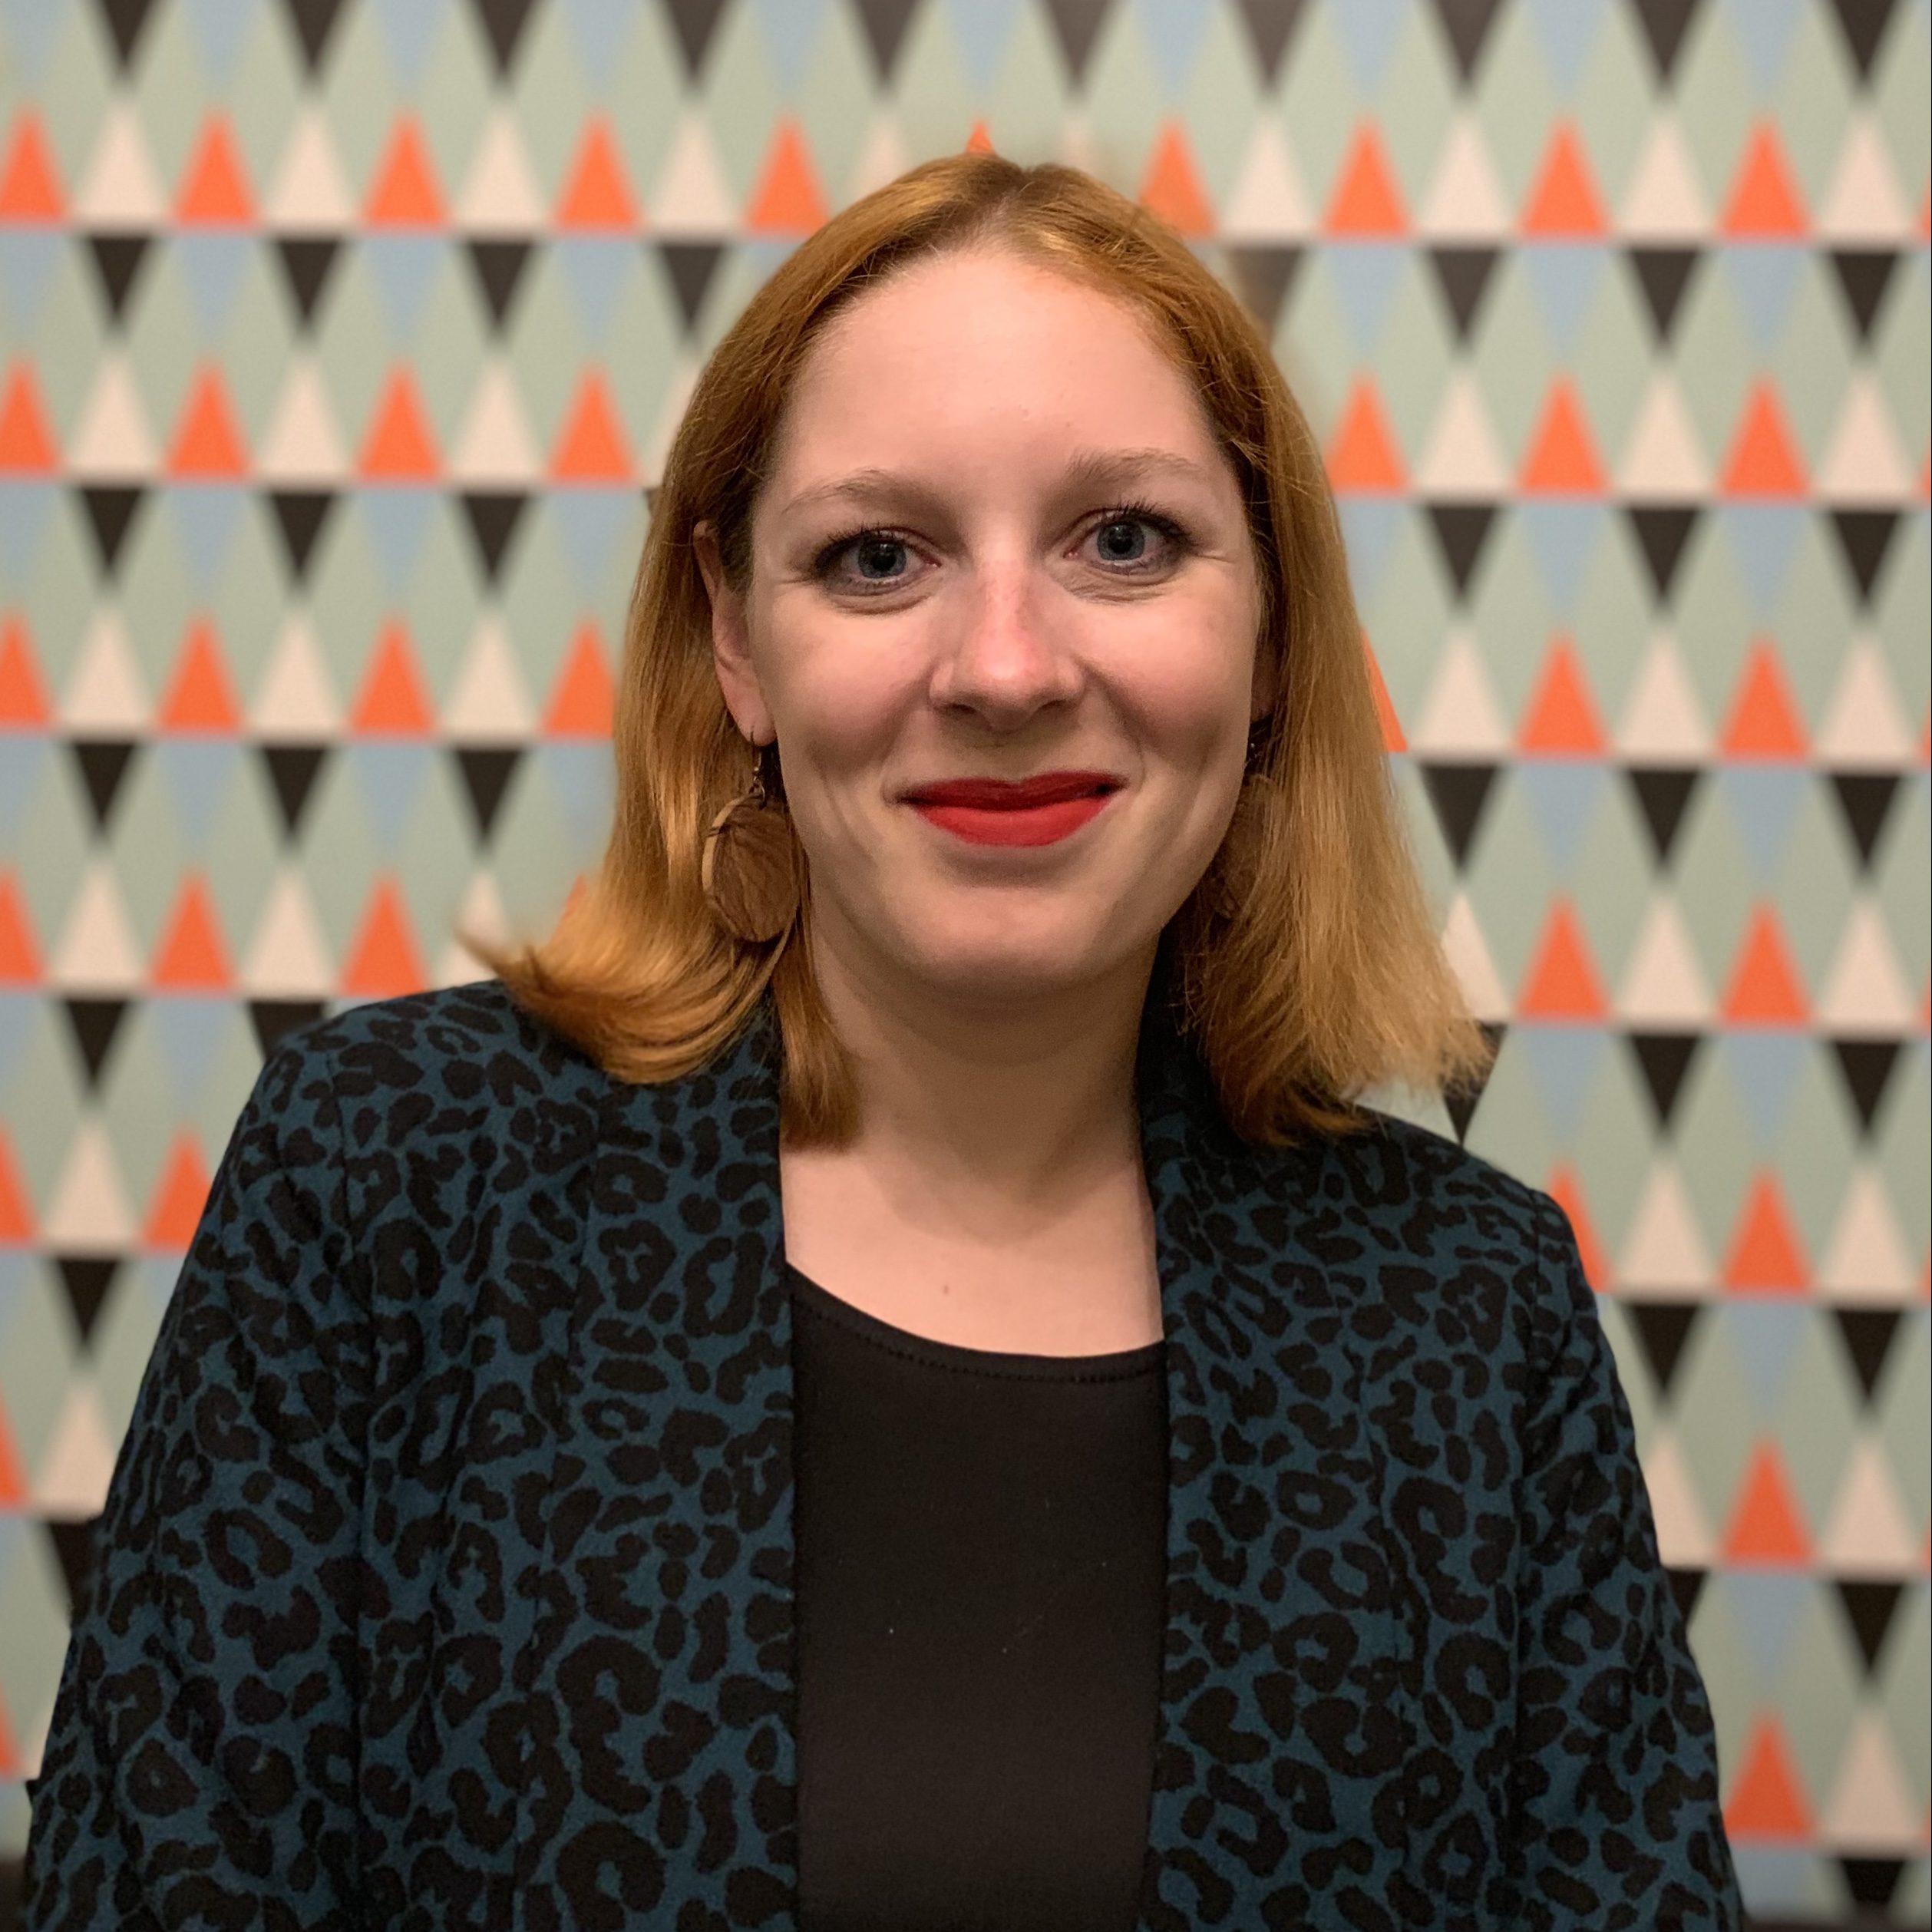 Alisa Garaeva